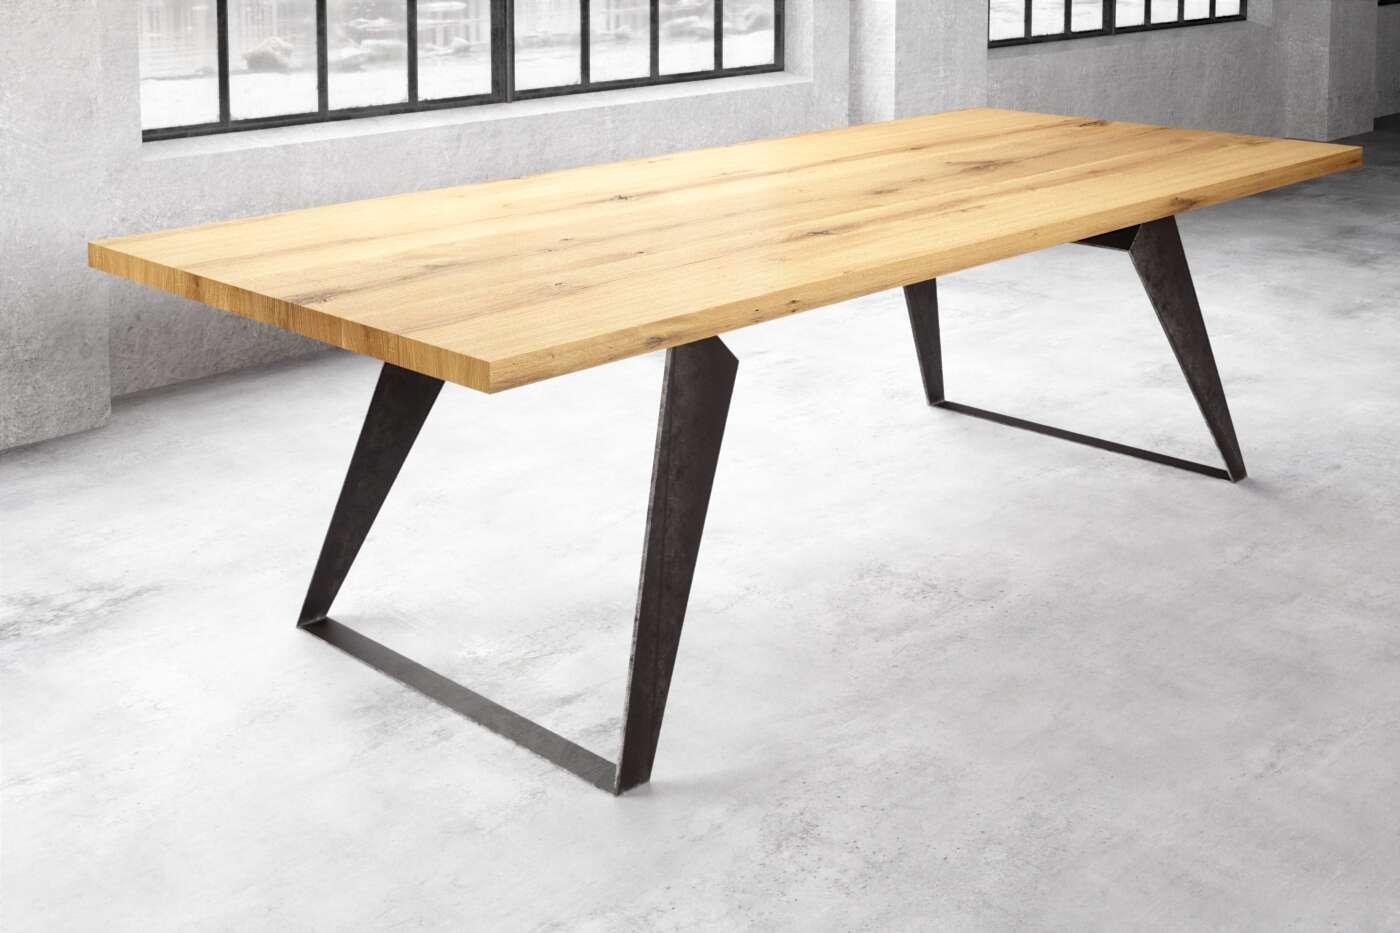 Essstisch Holz Stahl nach Maß